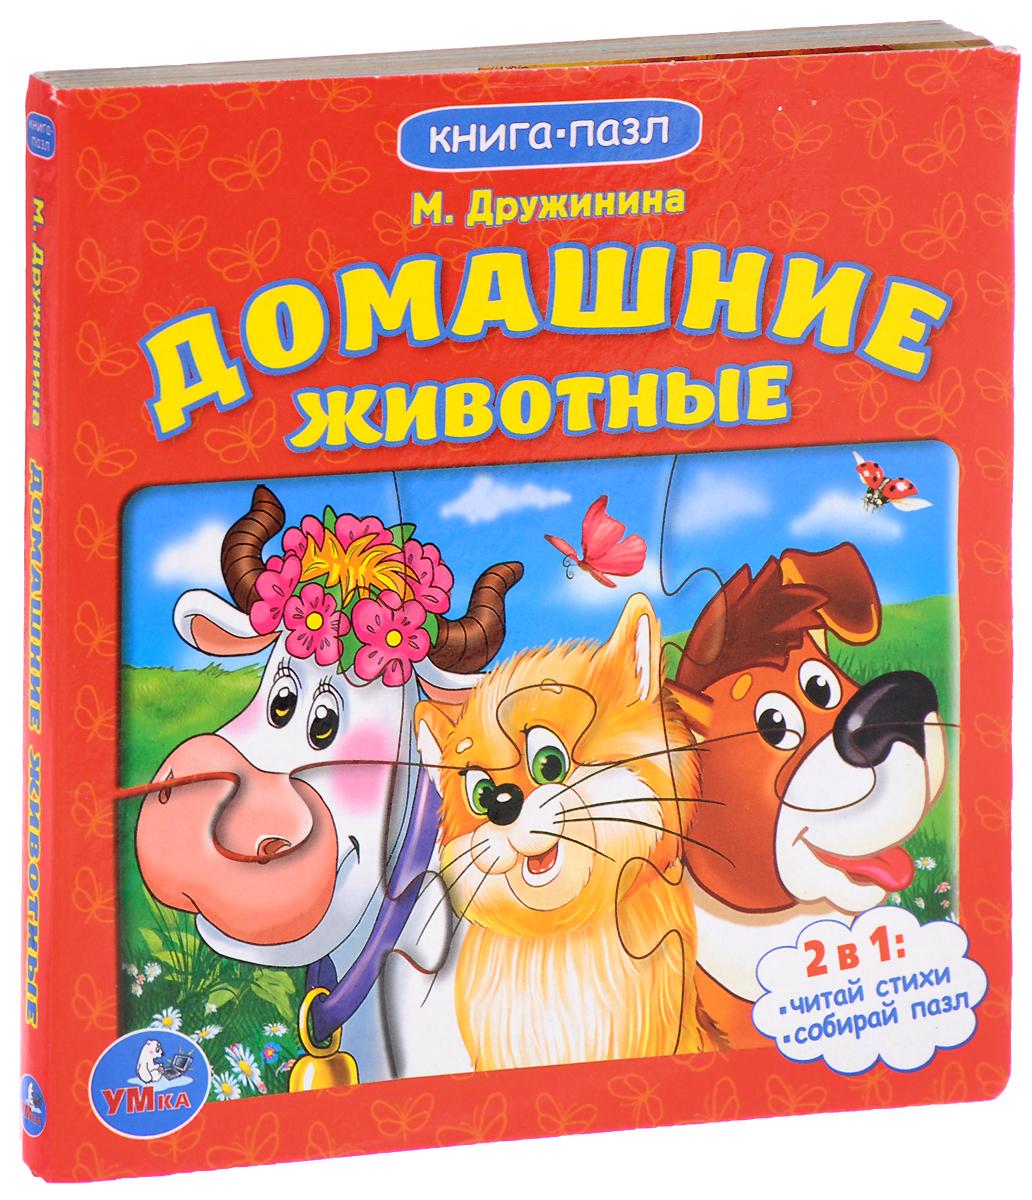 Домашние животные. Книга-пазл